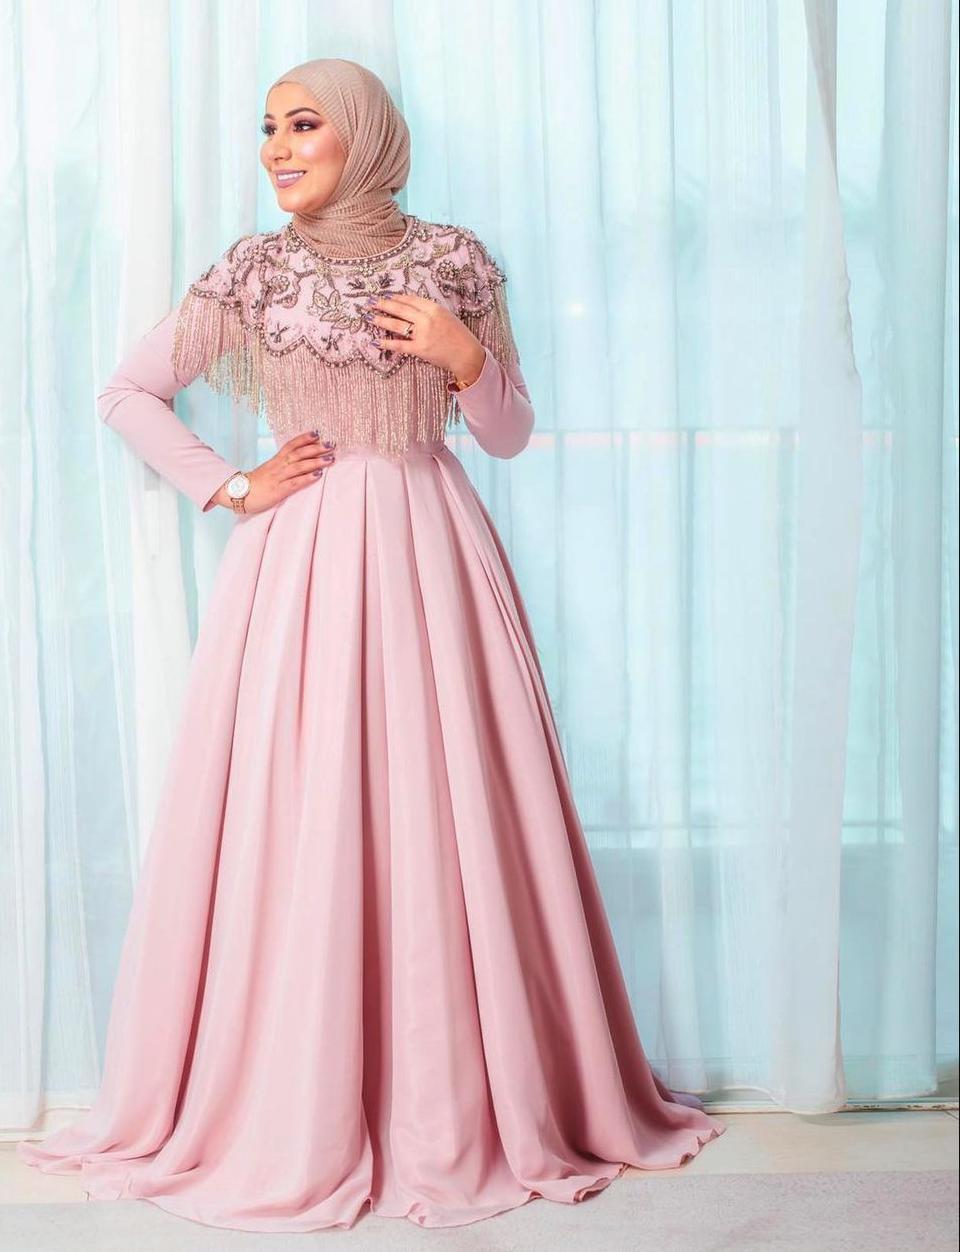 نداء شرارة بفستان زهري ناعم -الصورة من حسابها على الانستغرام